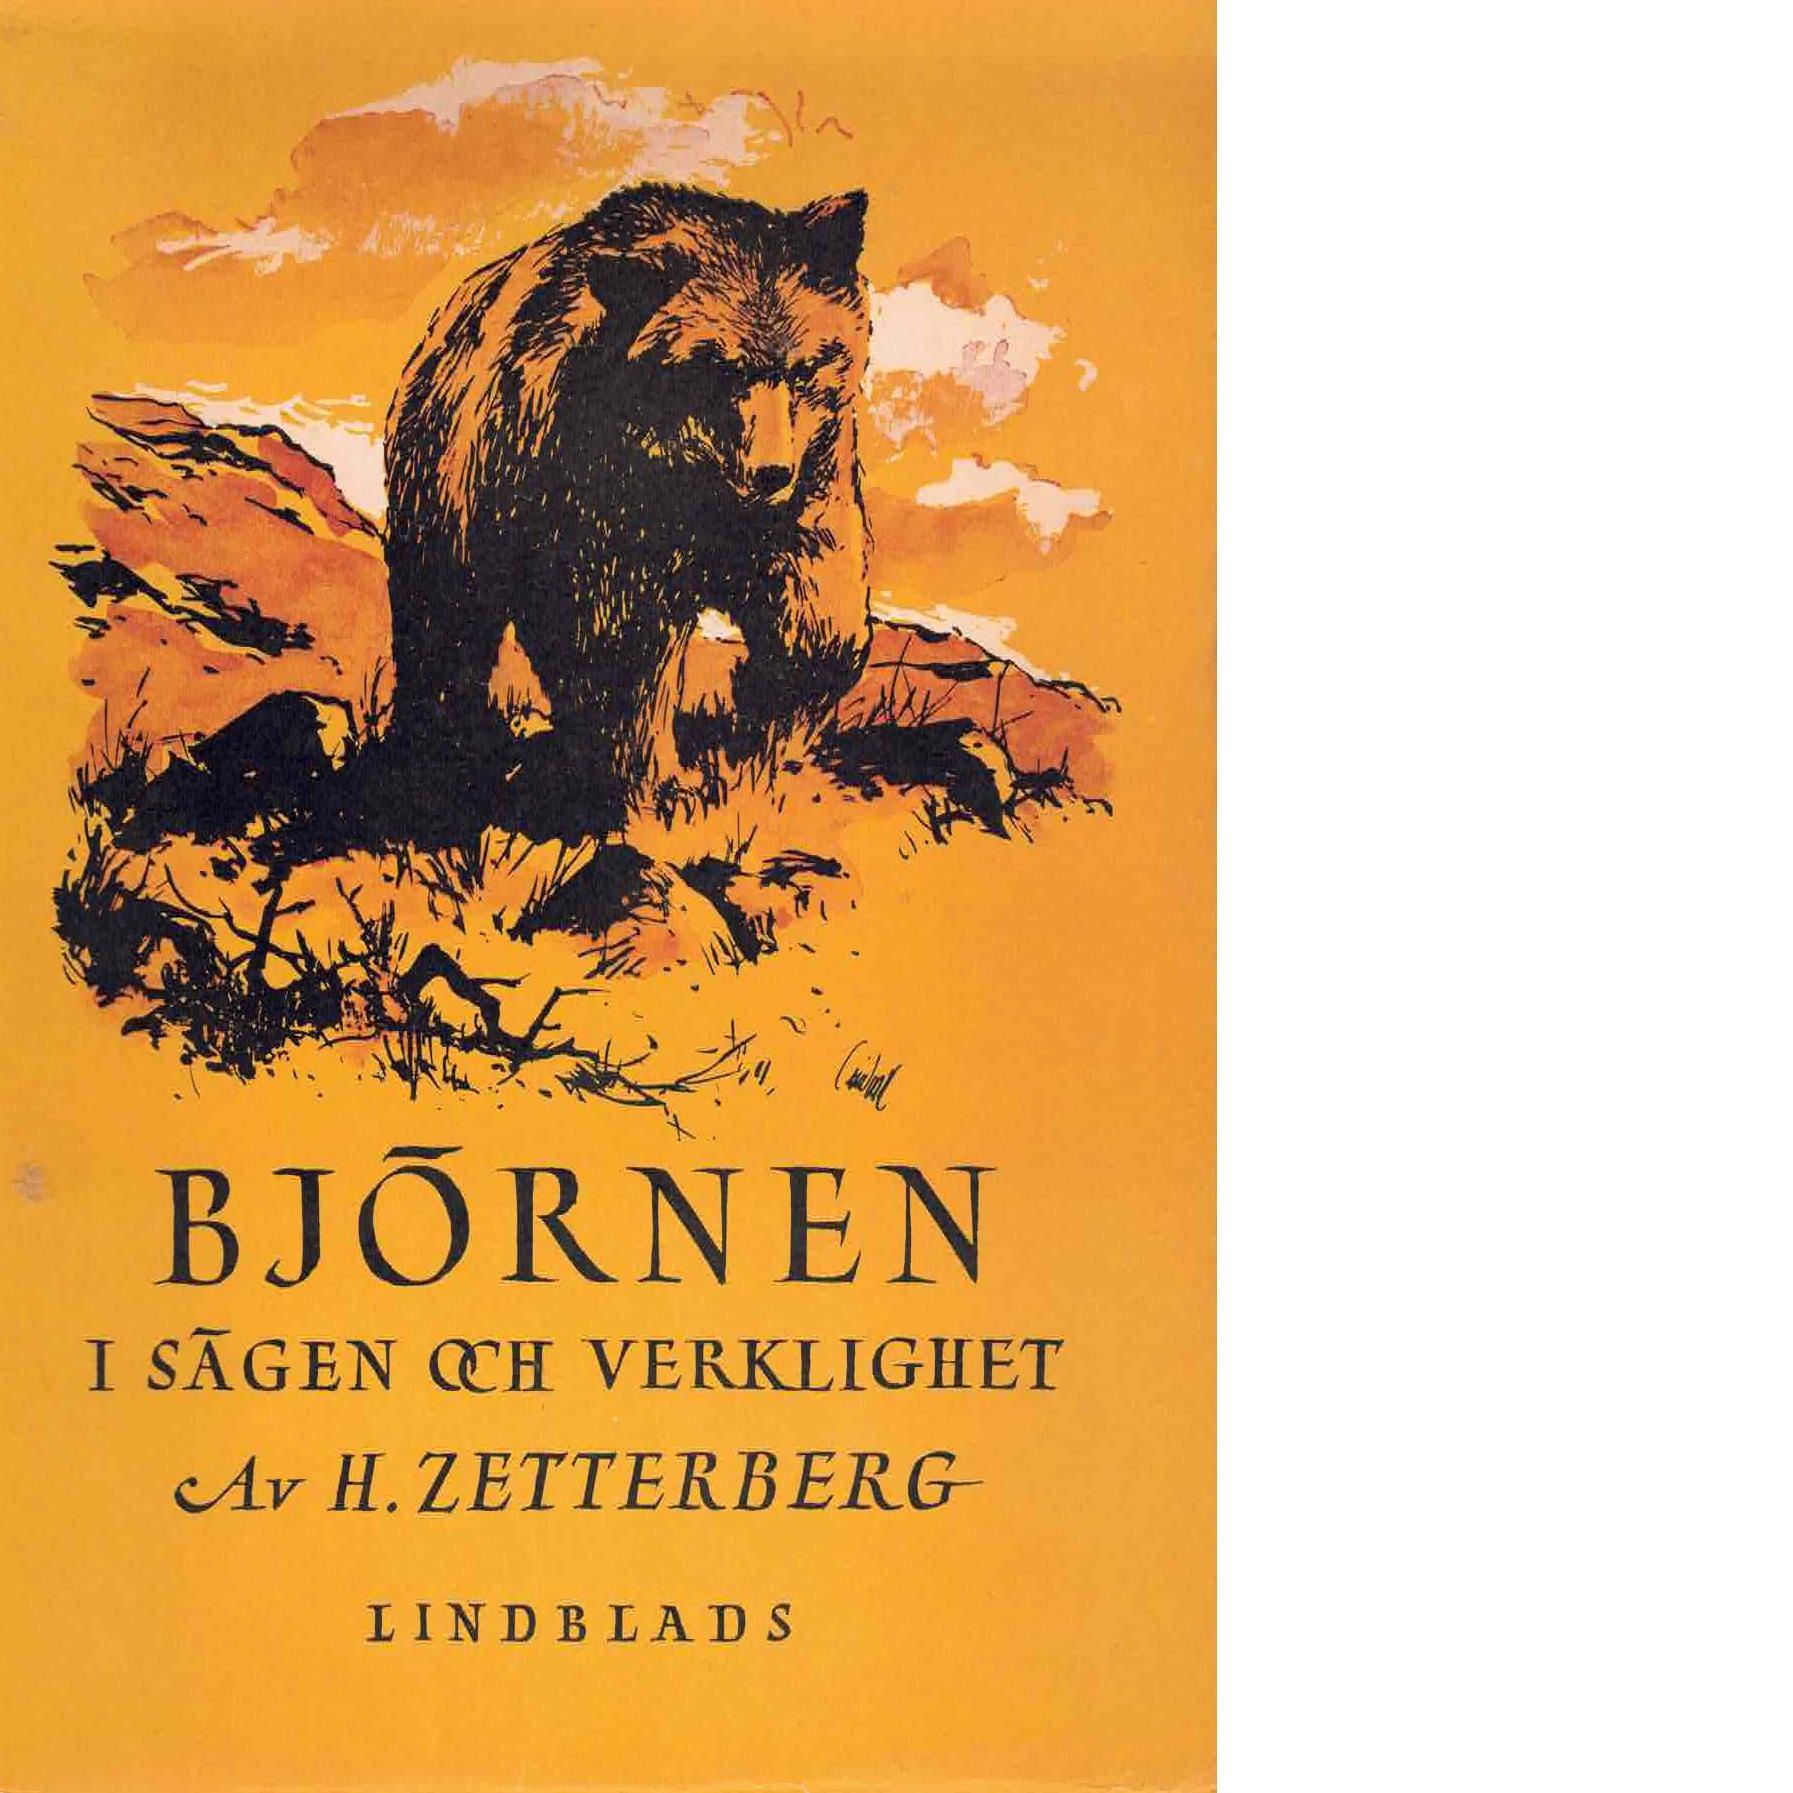 Björnen i sägen och verklighet - Zetterberg, Hilmer